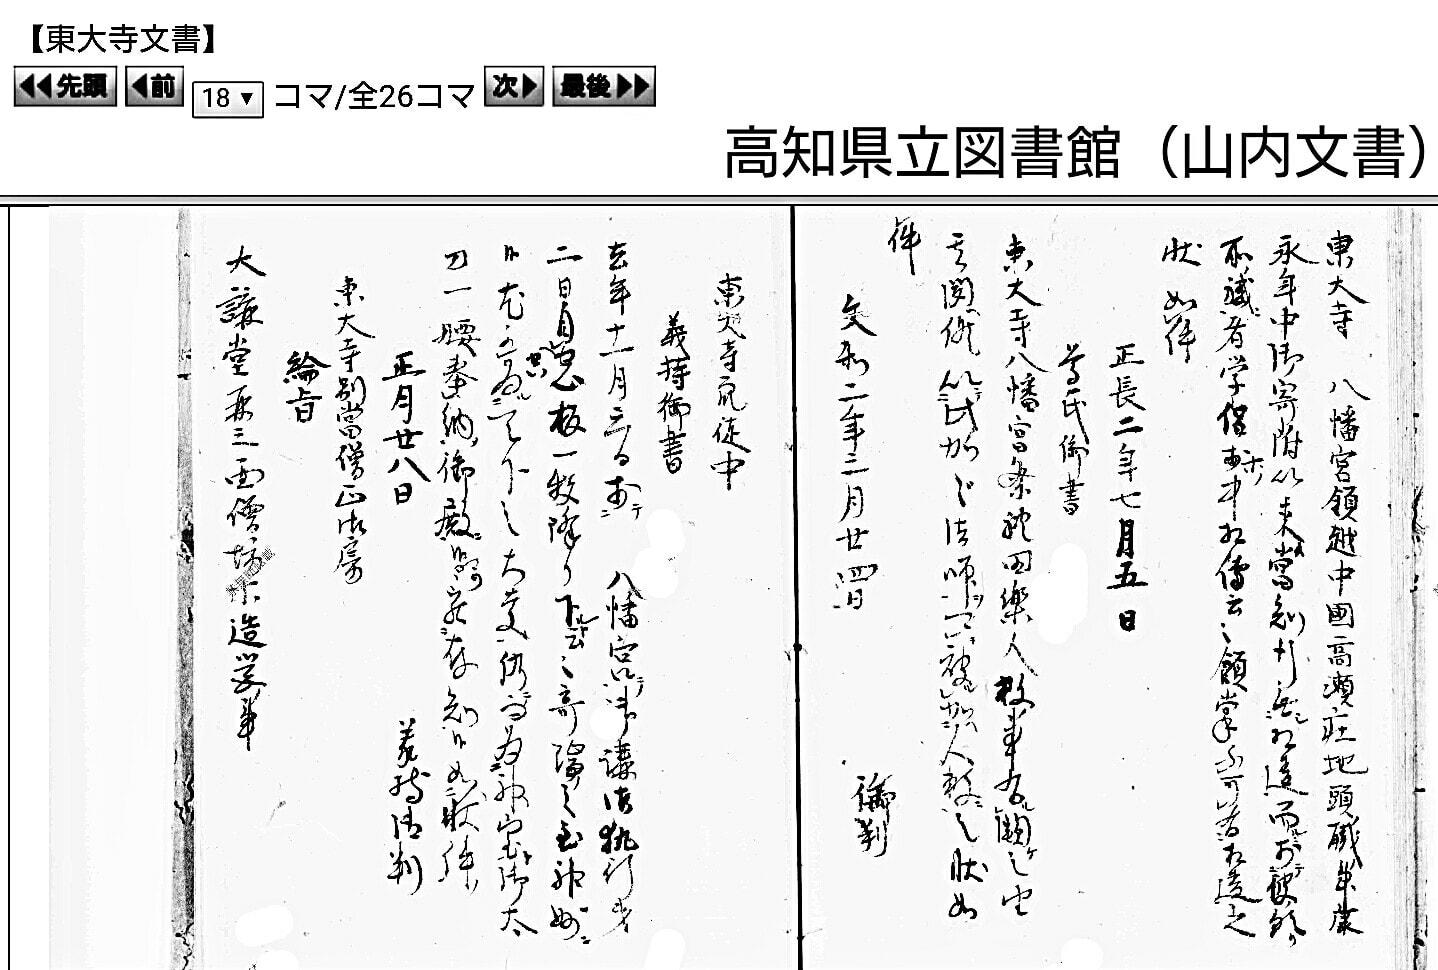 赤丸米のふるさとから 越中のささやき ぬぬぬ!!!(6ページ目)